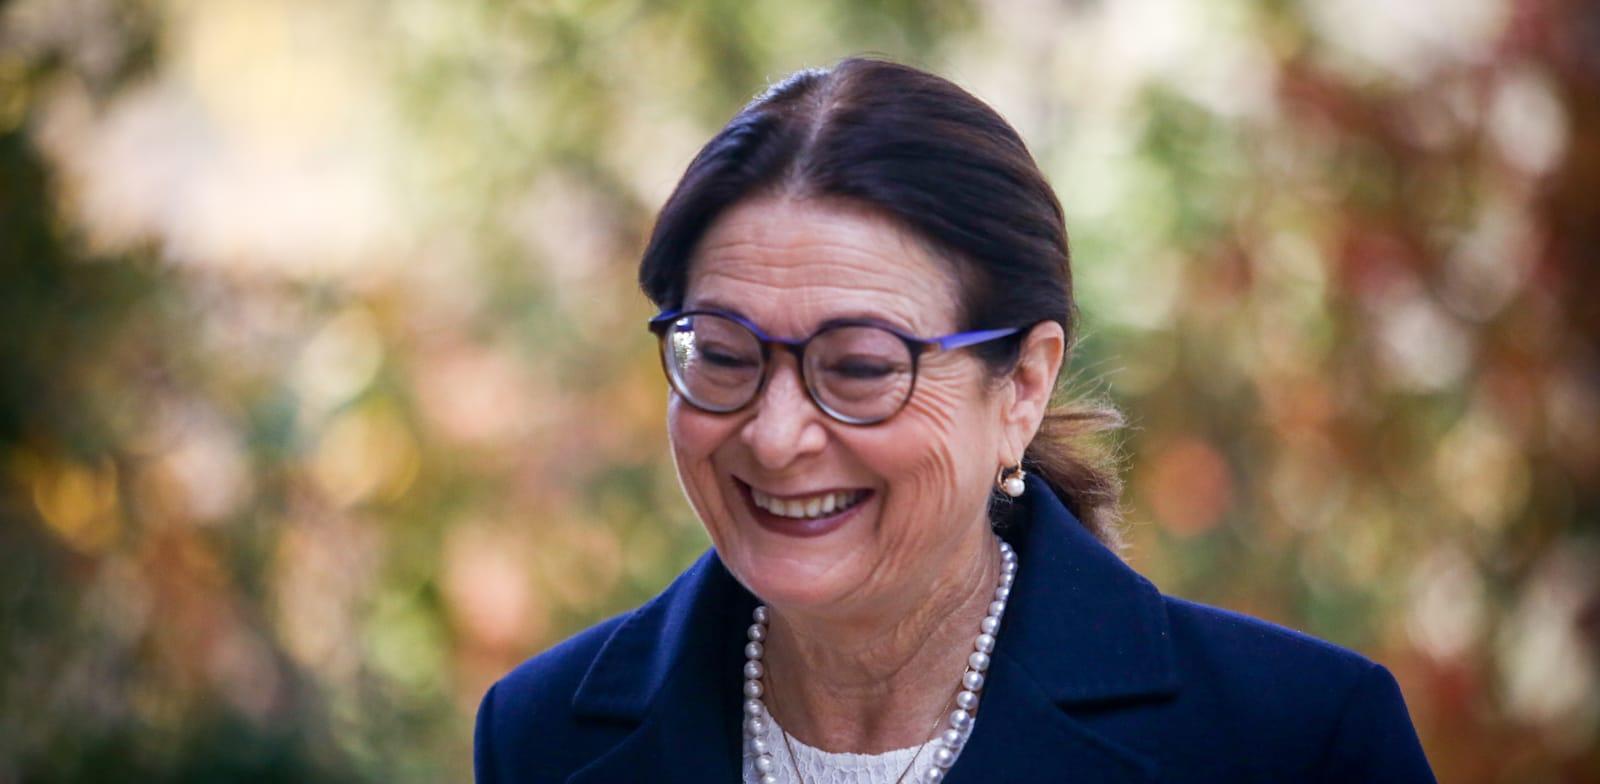 נשיאת בית משפט העליון, השופטת אסתר חיות / צילום: שלומי יוסף